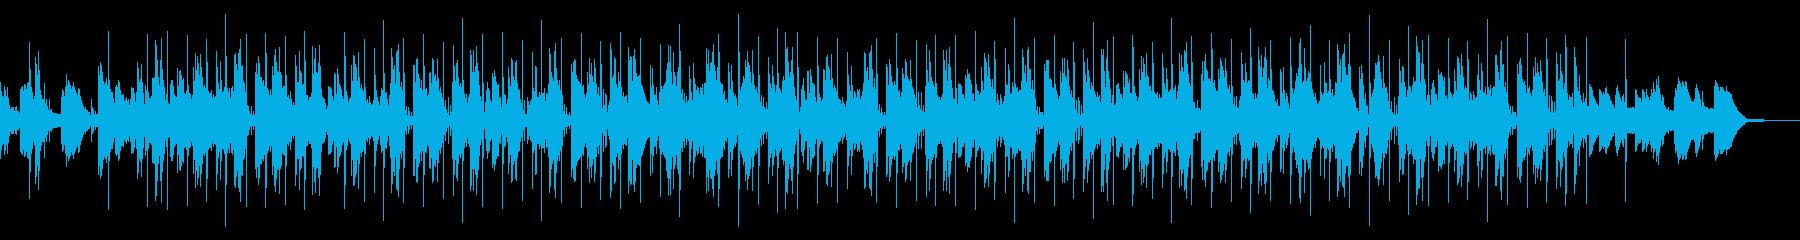 夜行性HIPHOPの再生済みの波形